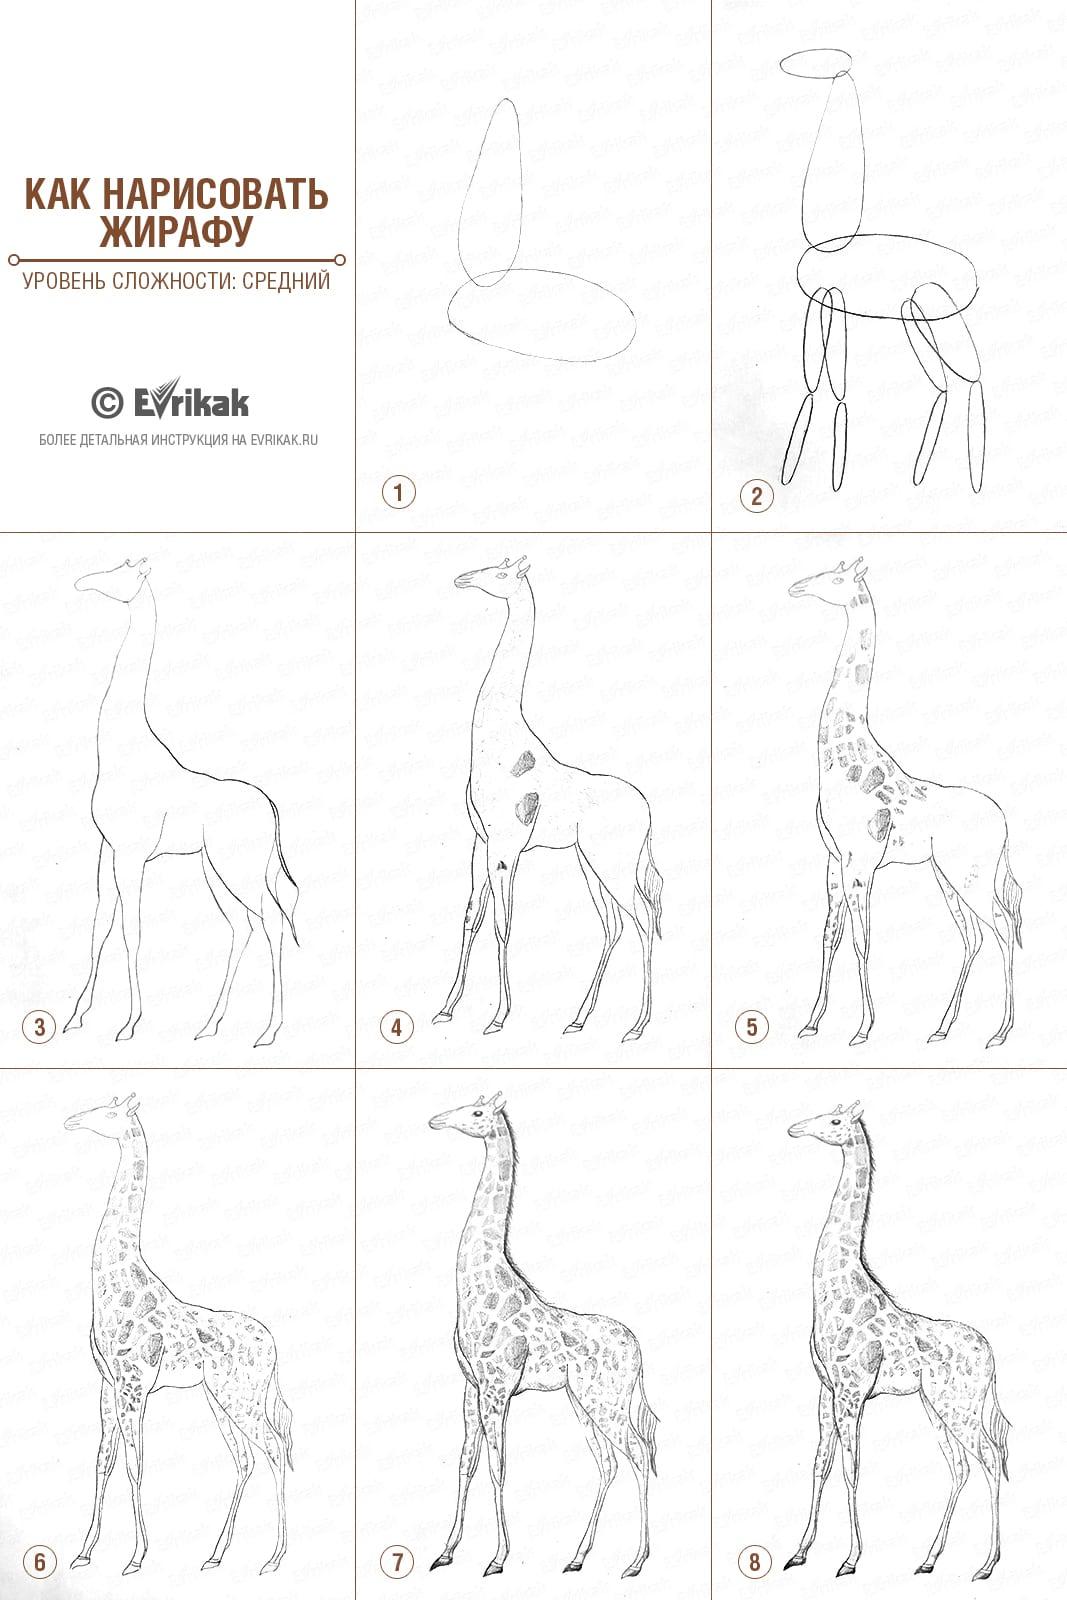 -нарисовать-жирафа-карандашом-поэтапно Как нарисовать жирафа поэтапно